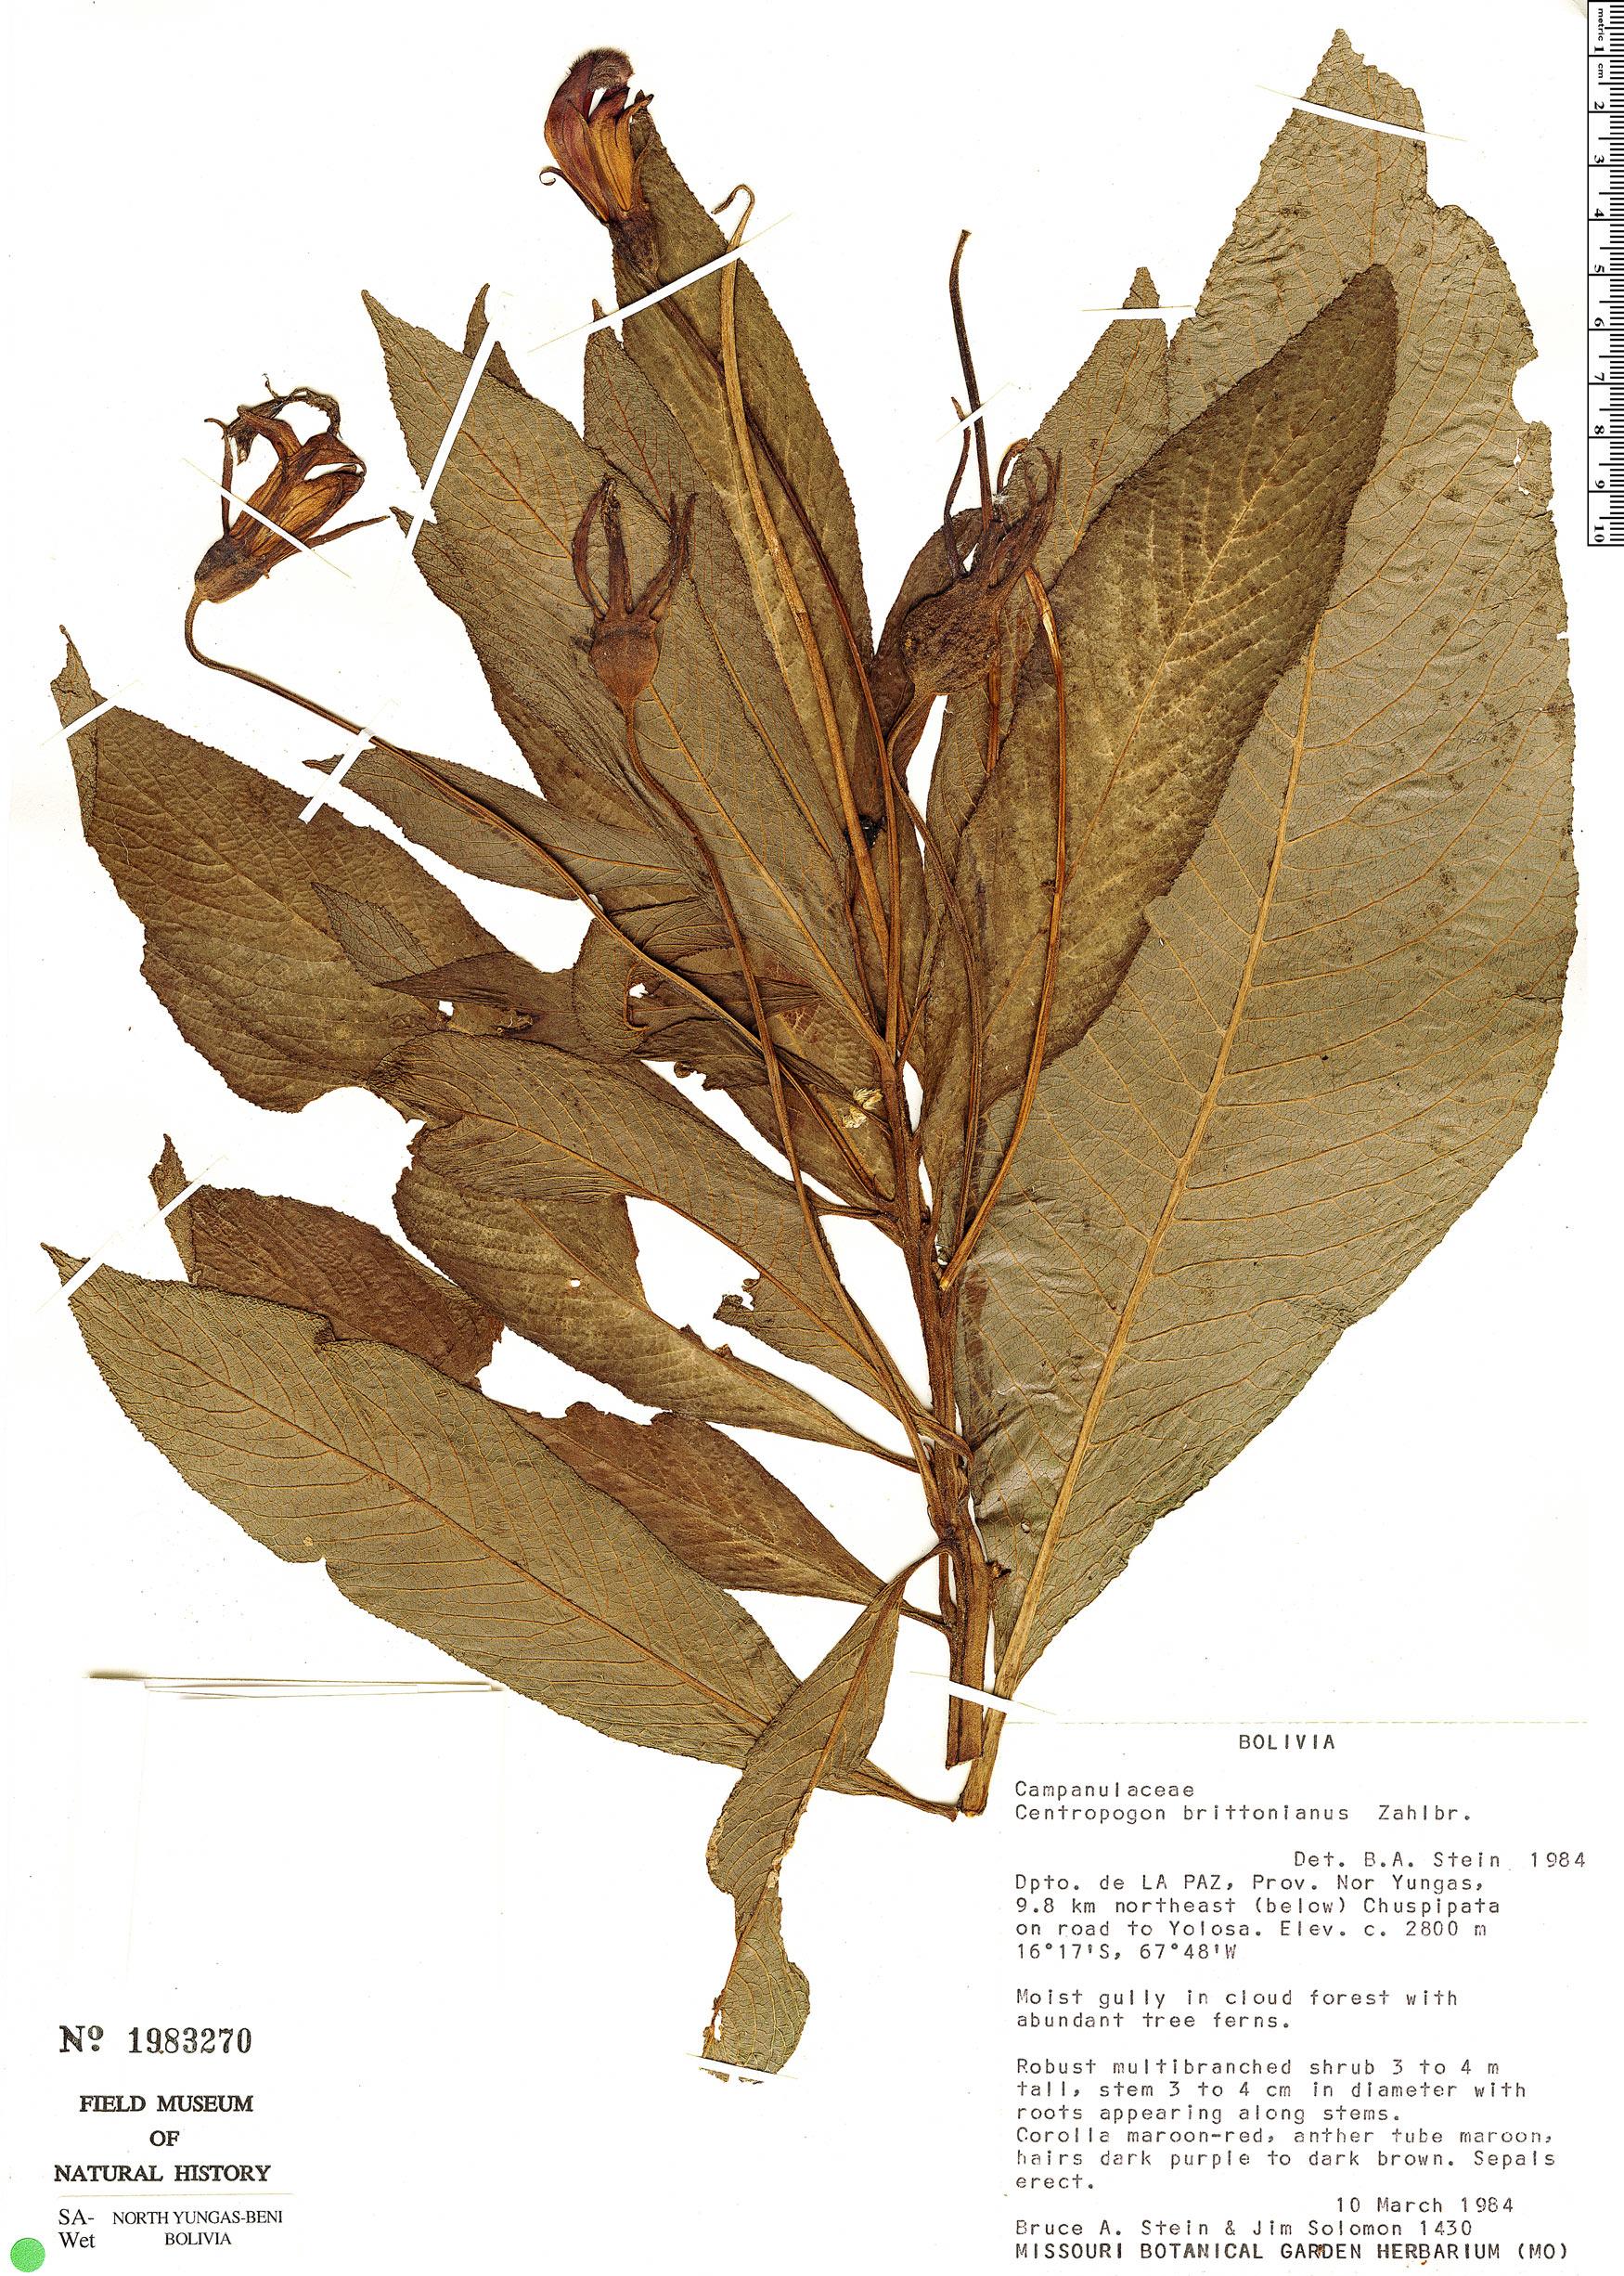 Specimen: Centropogon brittonianus